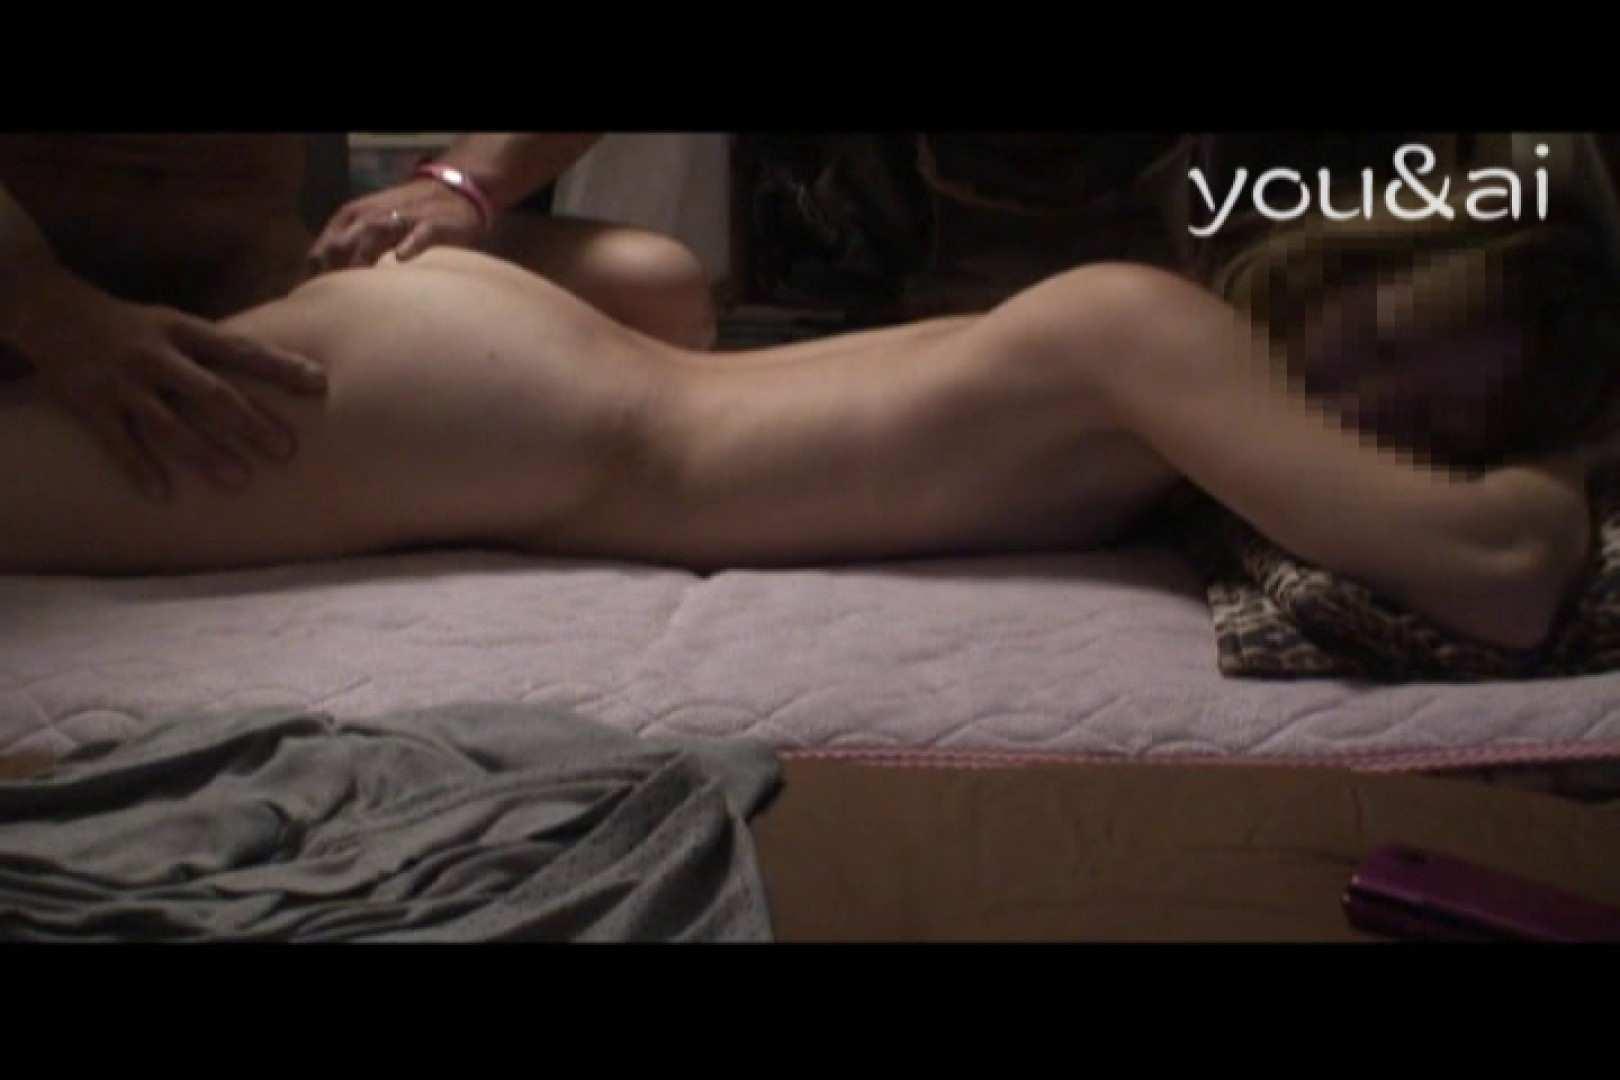 おしどり夫婦のyou&aiさん投稿作品vol.13 素人丸裸 おめこ無修正動画無料 92pic 11